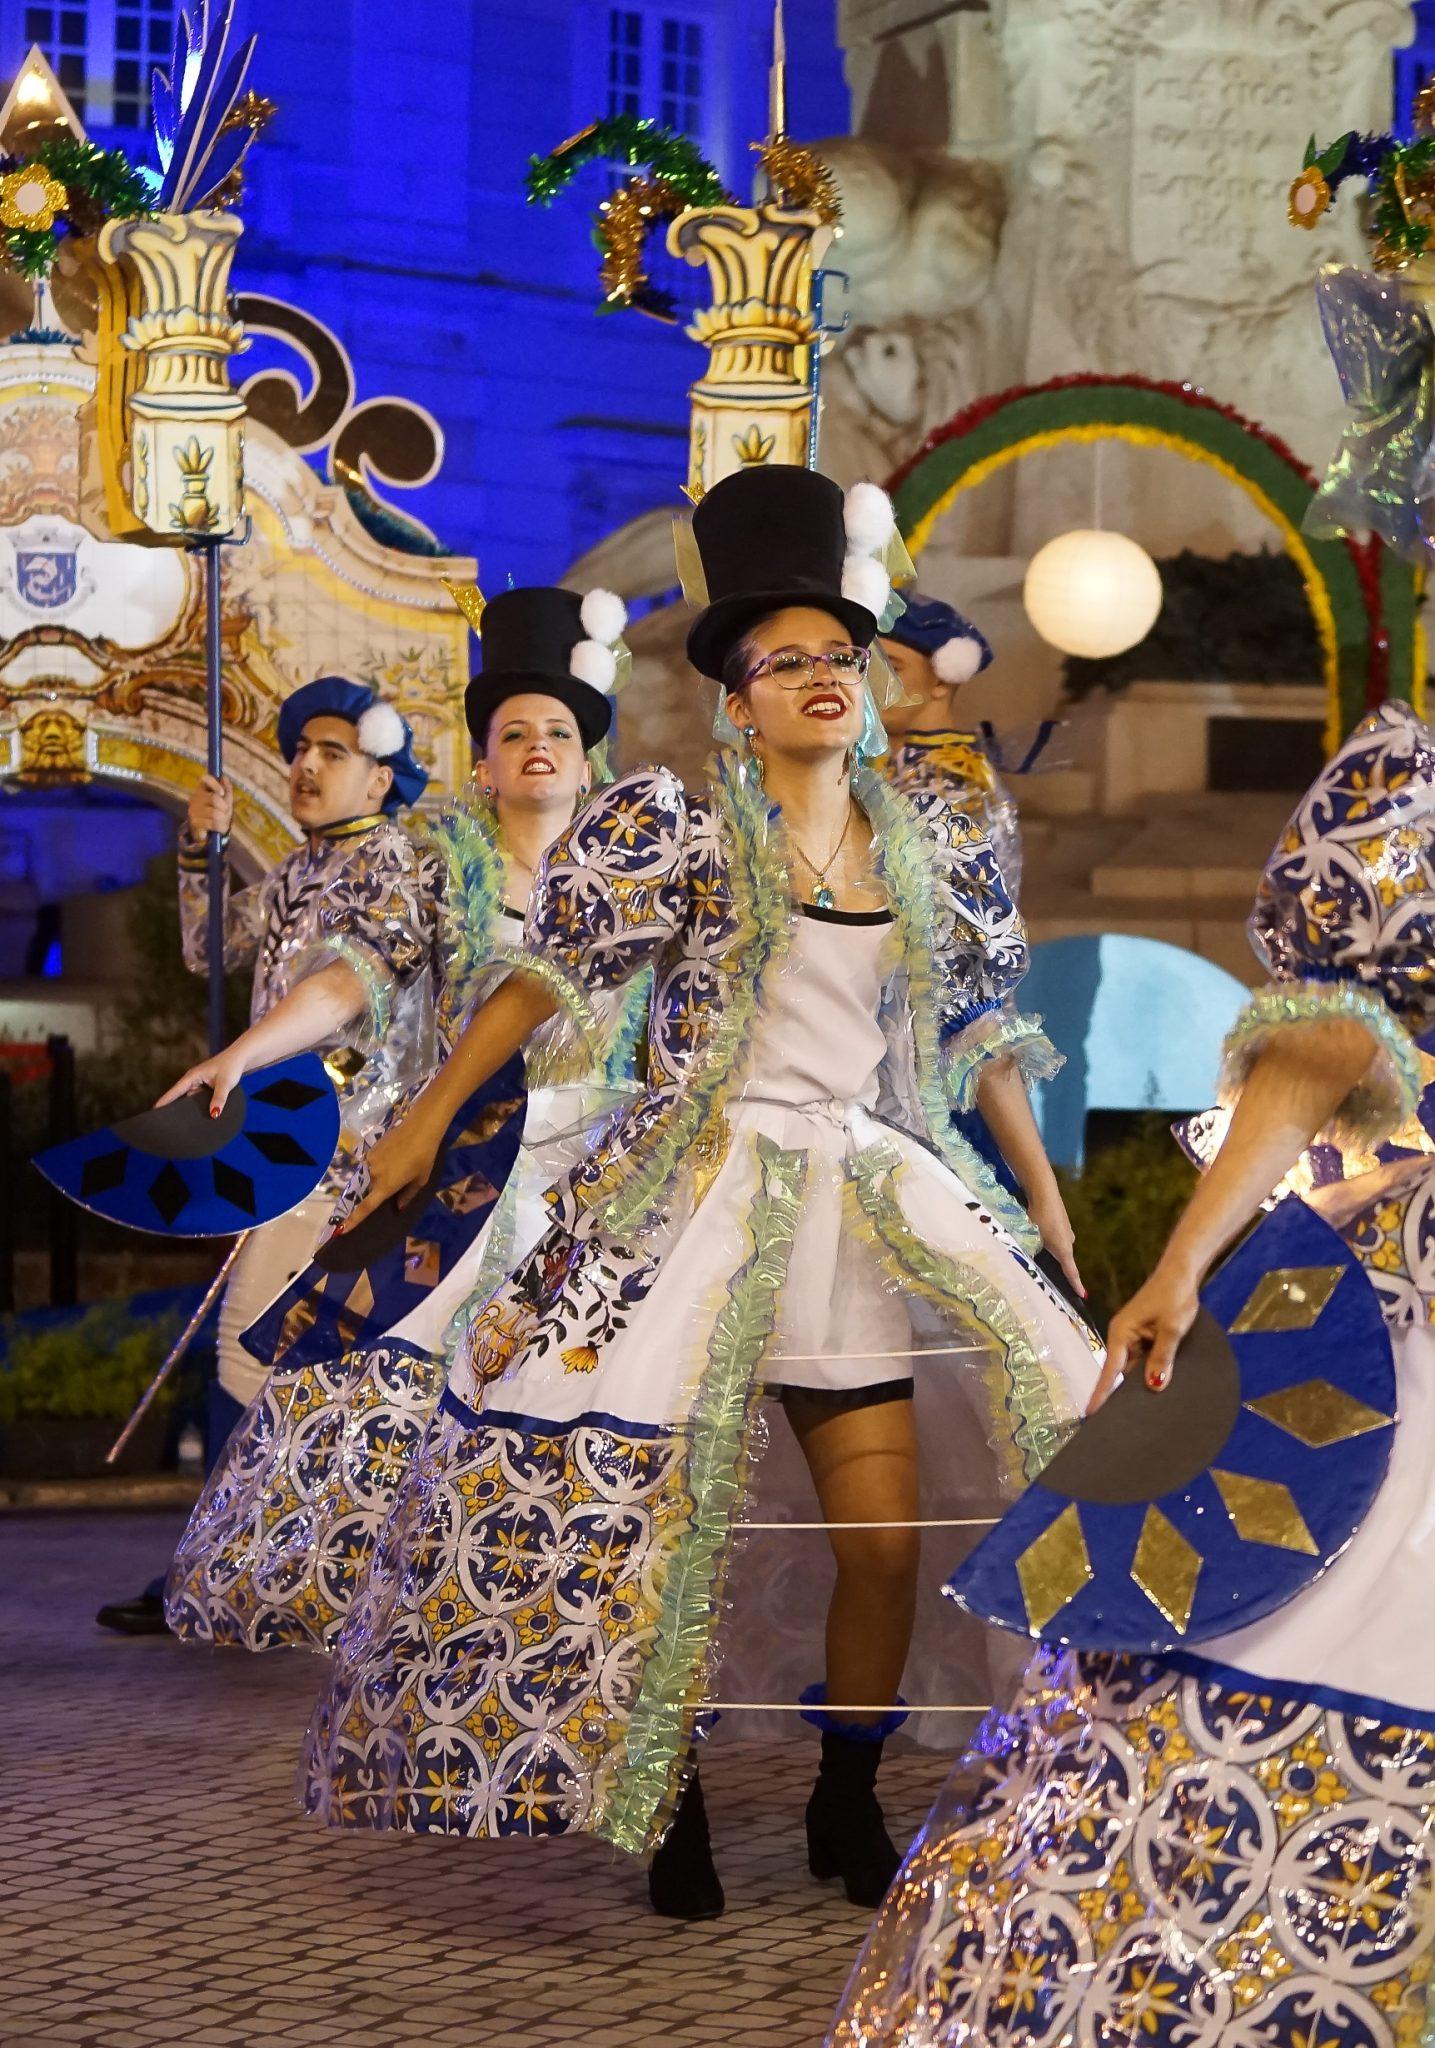 Em primeiro plano, uma mulher com uma saia larga e um casaco com um padrão de azulejos azuis, brancos e amarelos, e uma cartola preta. Em segundo plano, outros marchantes e os arcos que procuram figurar fontes e chafarizes.